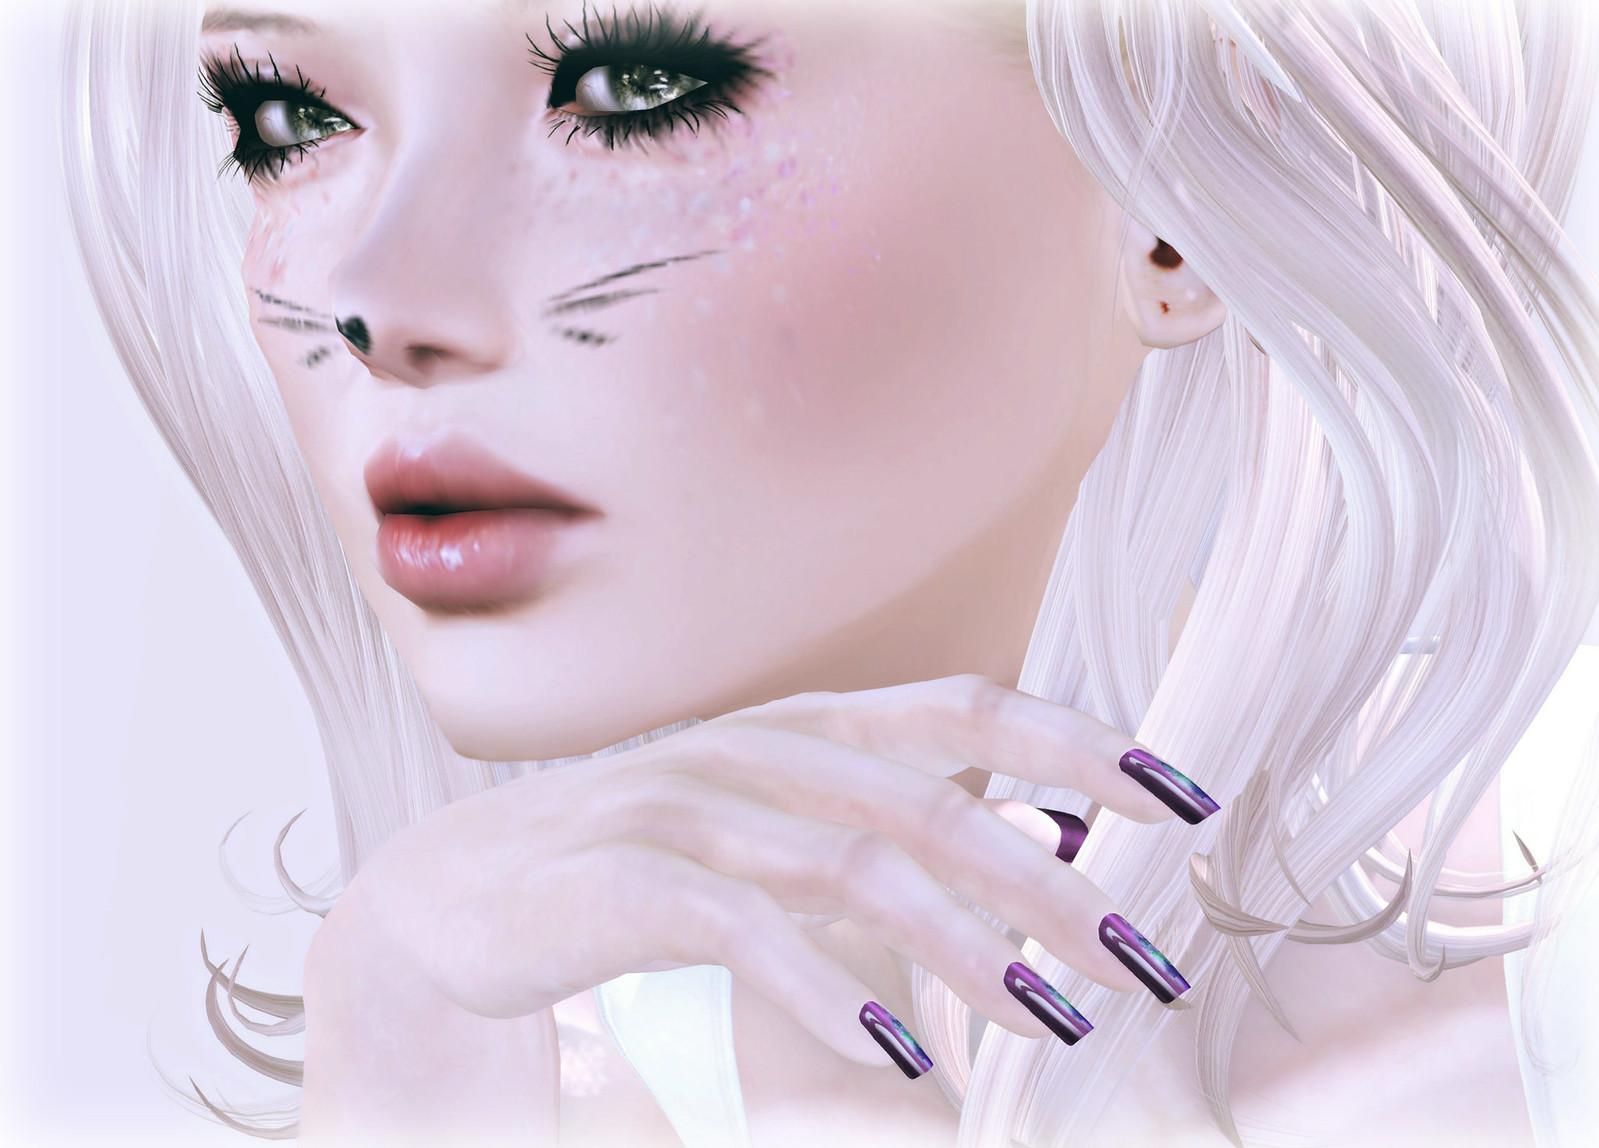 meow pt 2